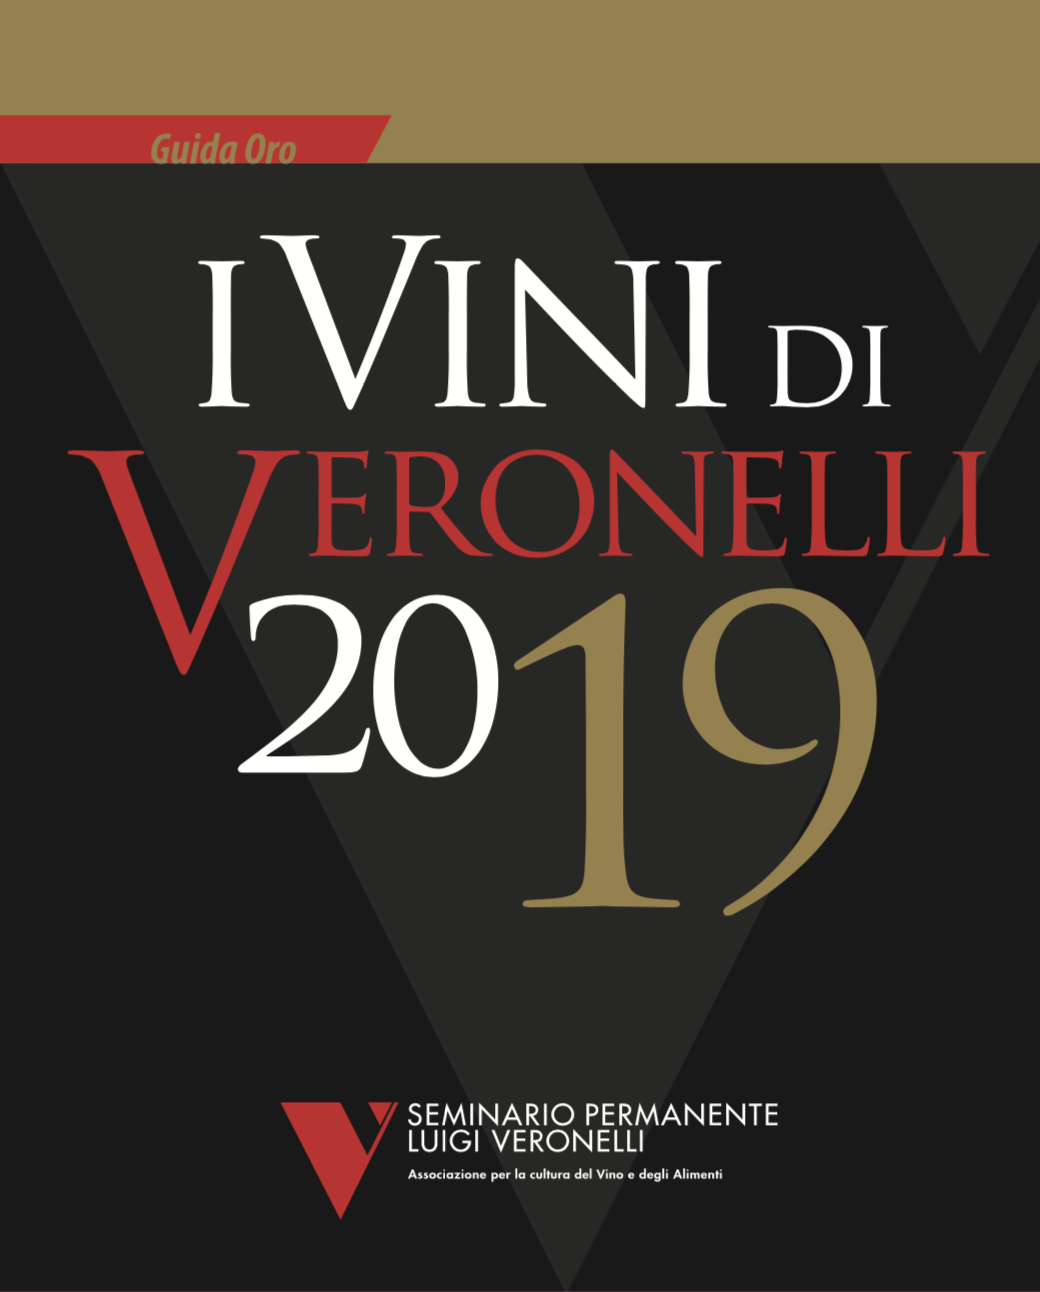 Assegnati a Venezia i dieci Sole, premi speciali della Guida Oro I Vini di Veronelli 2019